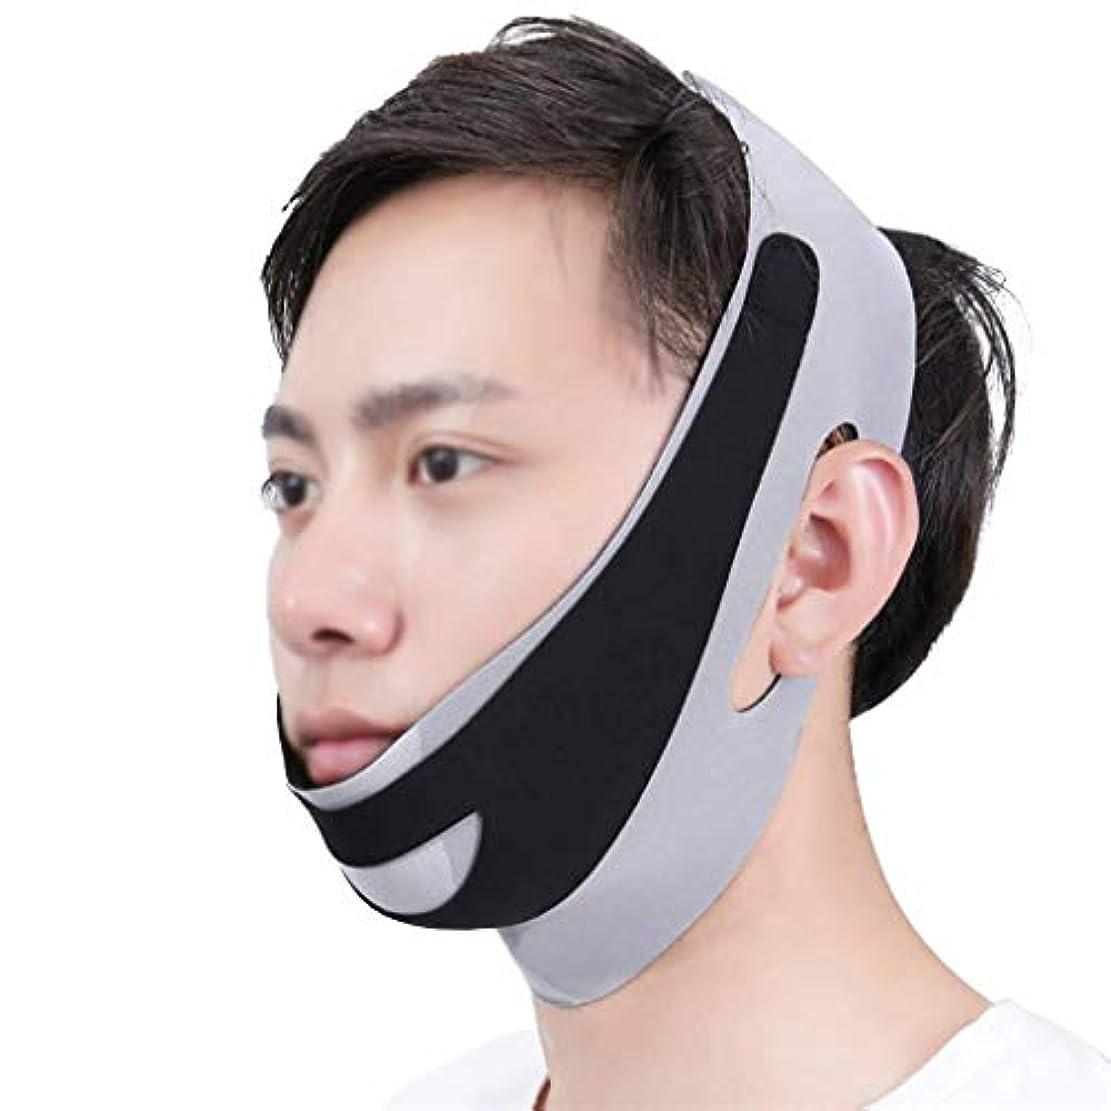 ヘクタール踏みつけ帆顔と首のリフト術後弾性顔マスク小V顔アーティファクト薄い顔包帯アーティファクトV顔吊り耳リフティング引き締め男性の顔アーティファクト